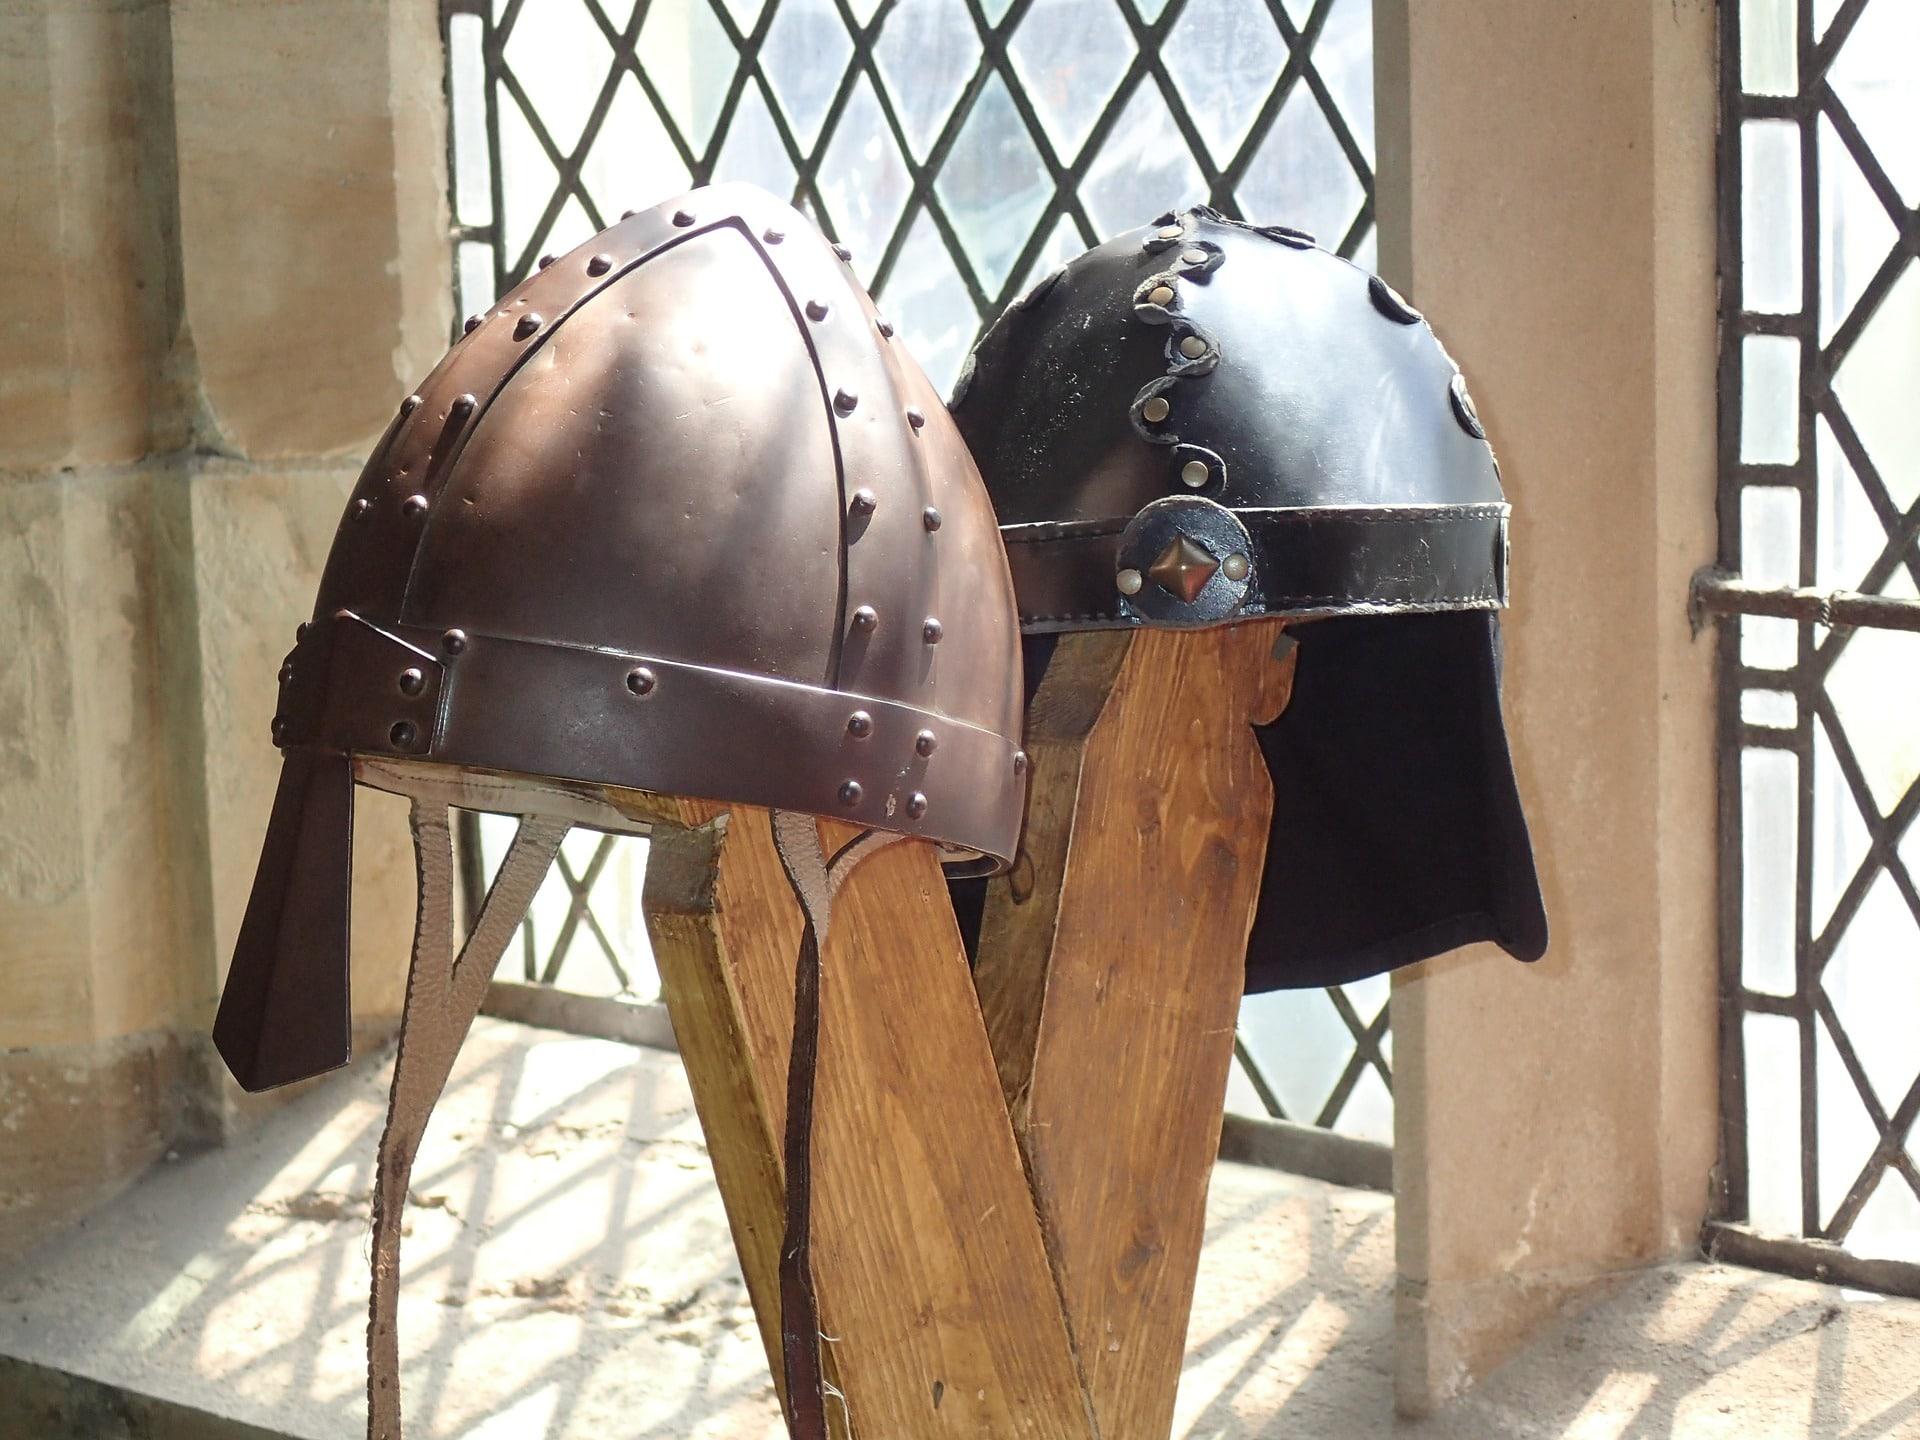 Les objets sont des incontournables dans les rites funéraires chez les vikings